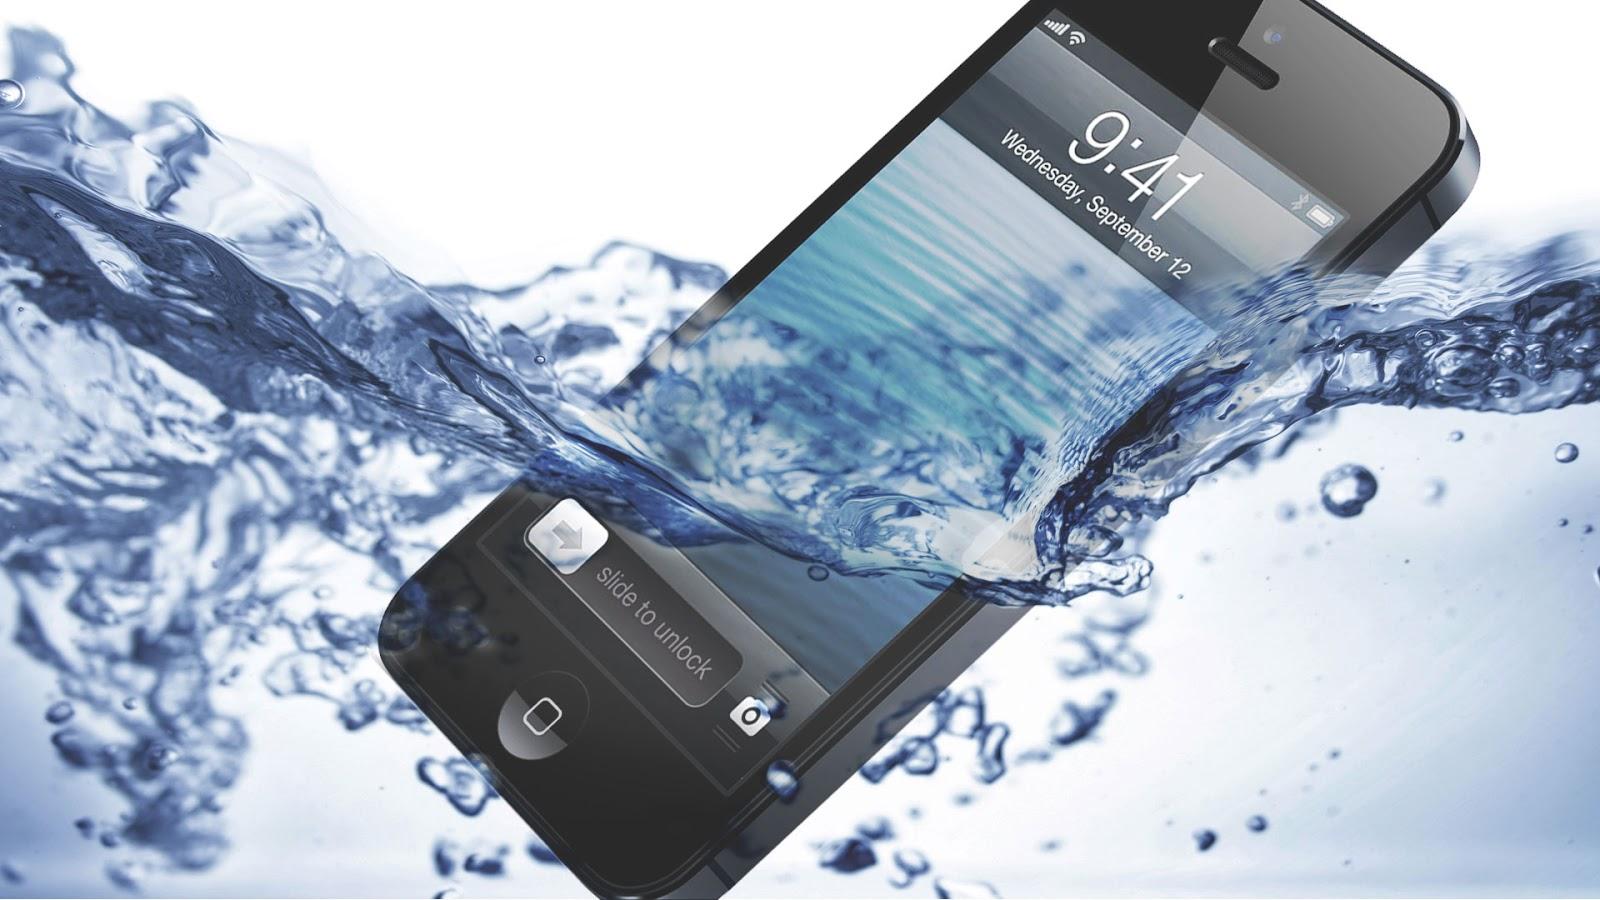 كيف تنقذ هاتفك المبتل من التلف ؟ IPhone-5-Water-Test